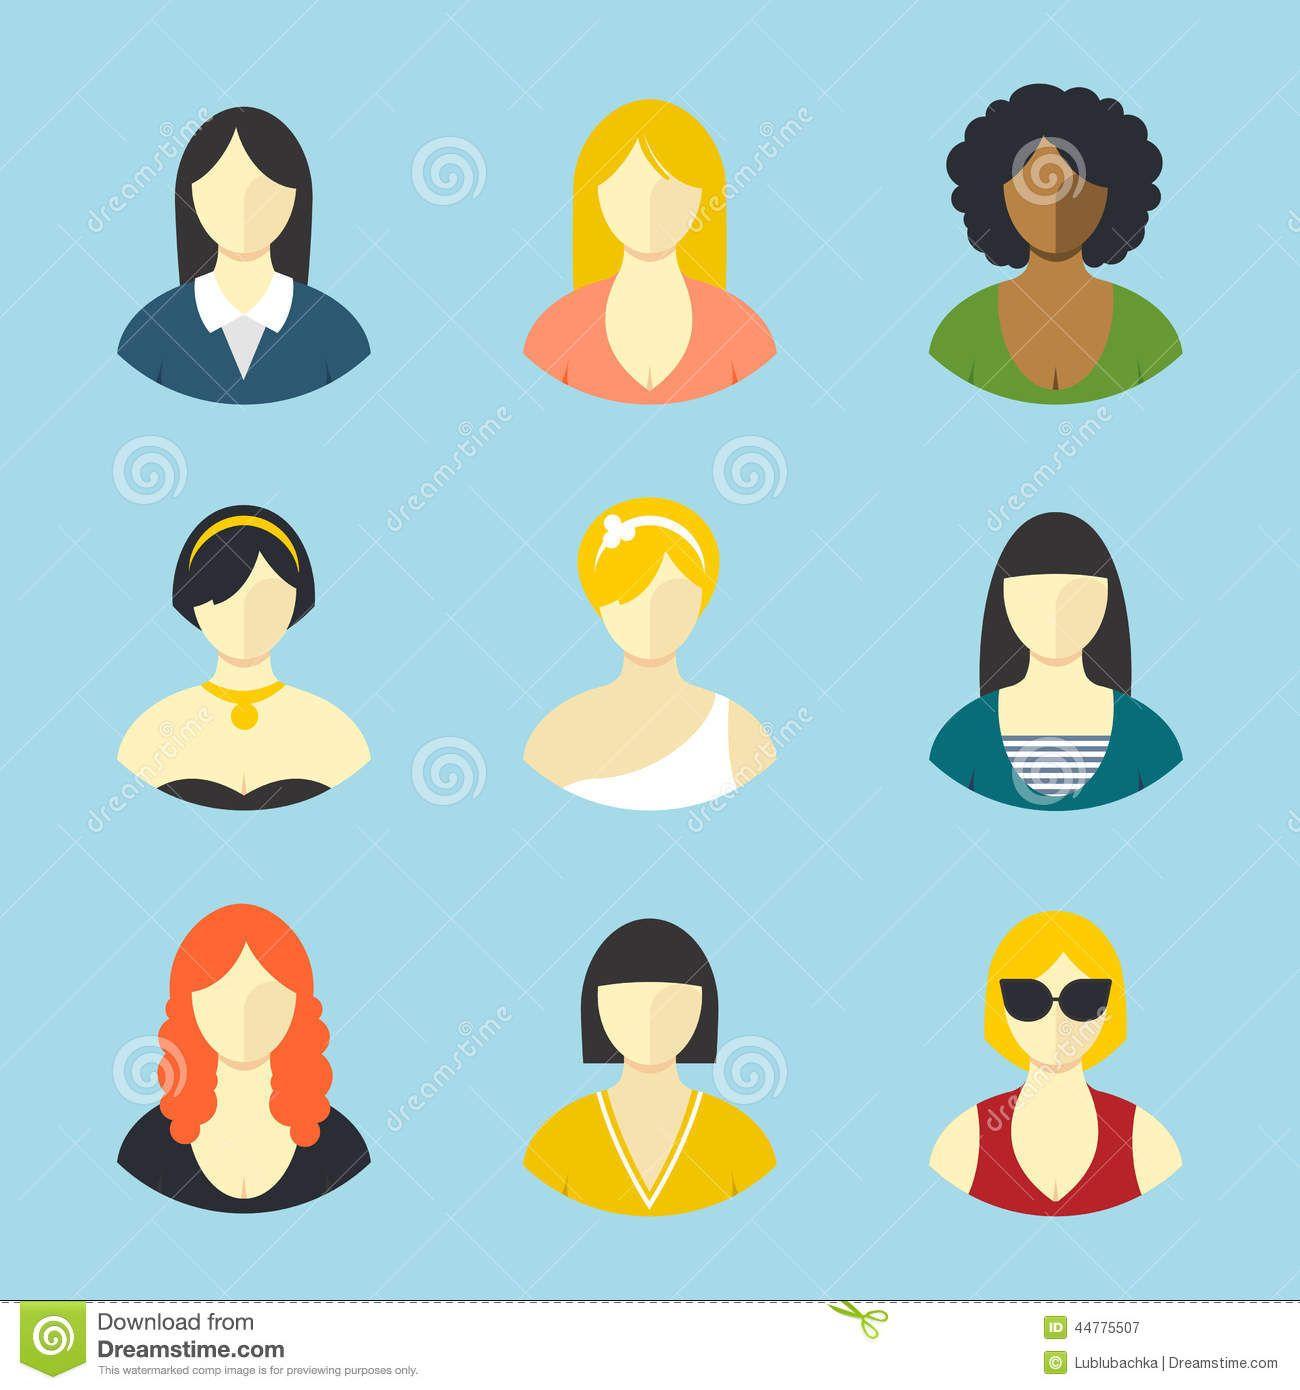 female-avatars-flat-design-vector-icons-set-44775507.jpg (1300×1390)